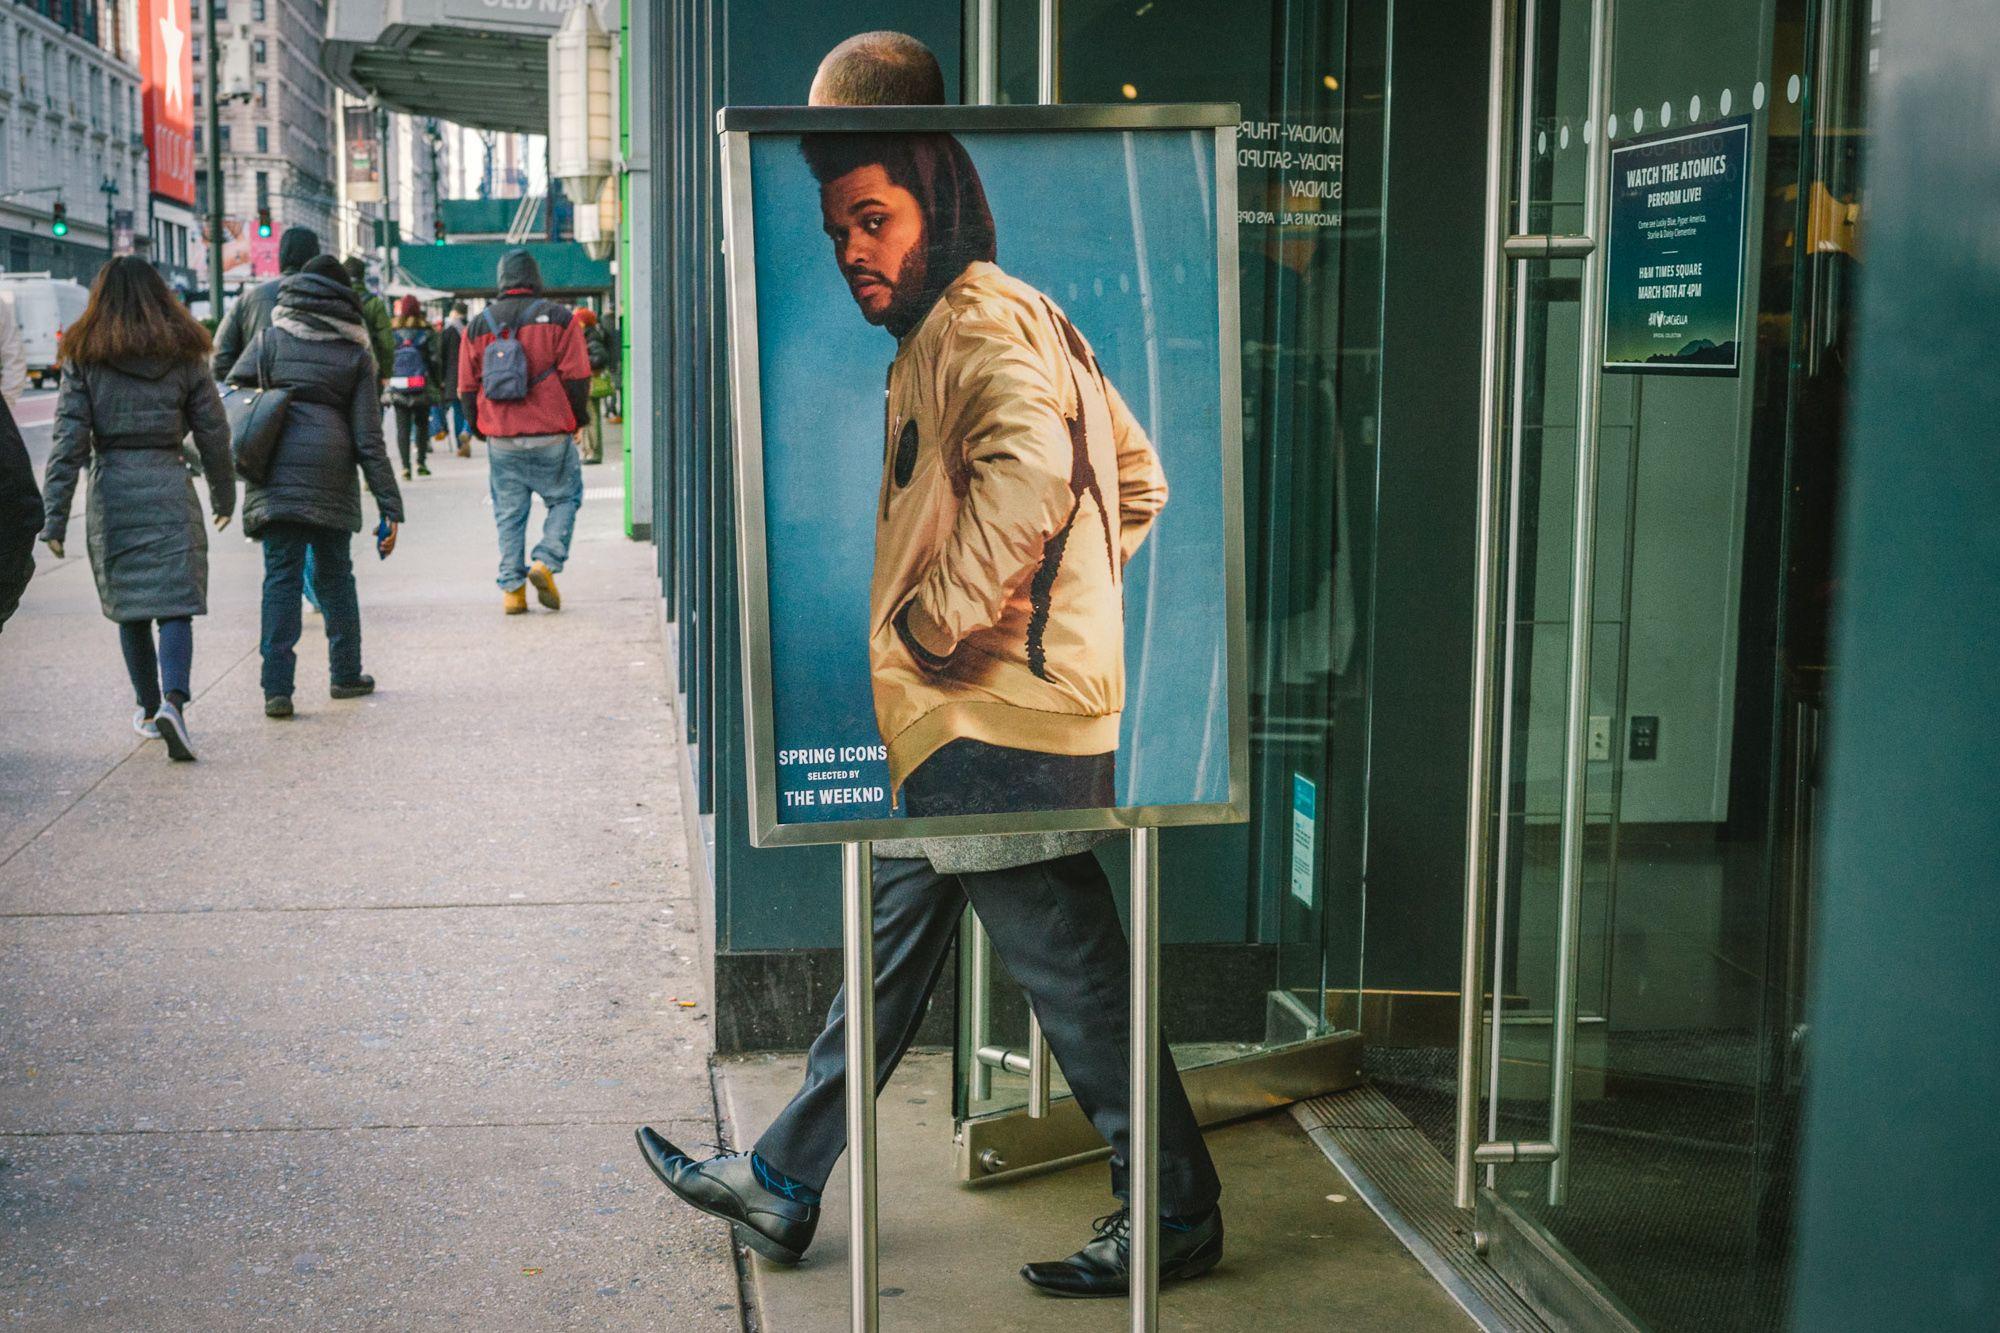 Le coincidenze urbane di Jonathan Higbee | Collater.al